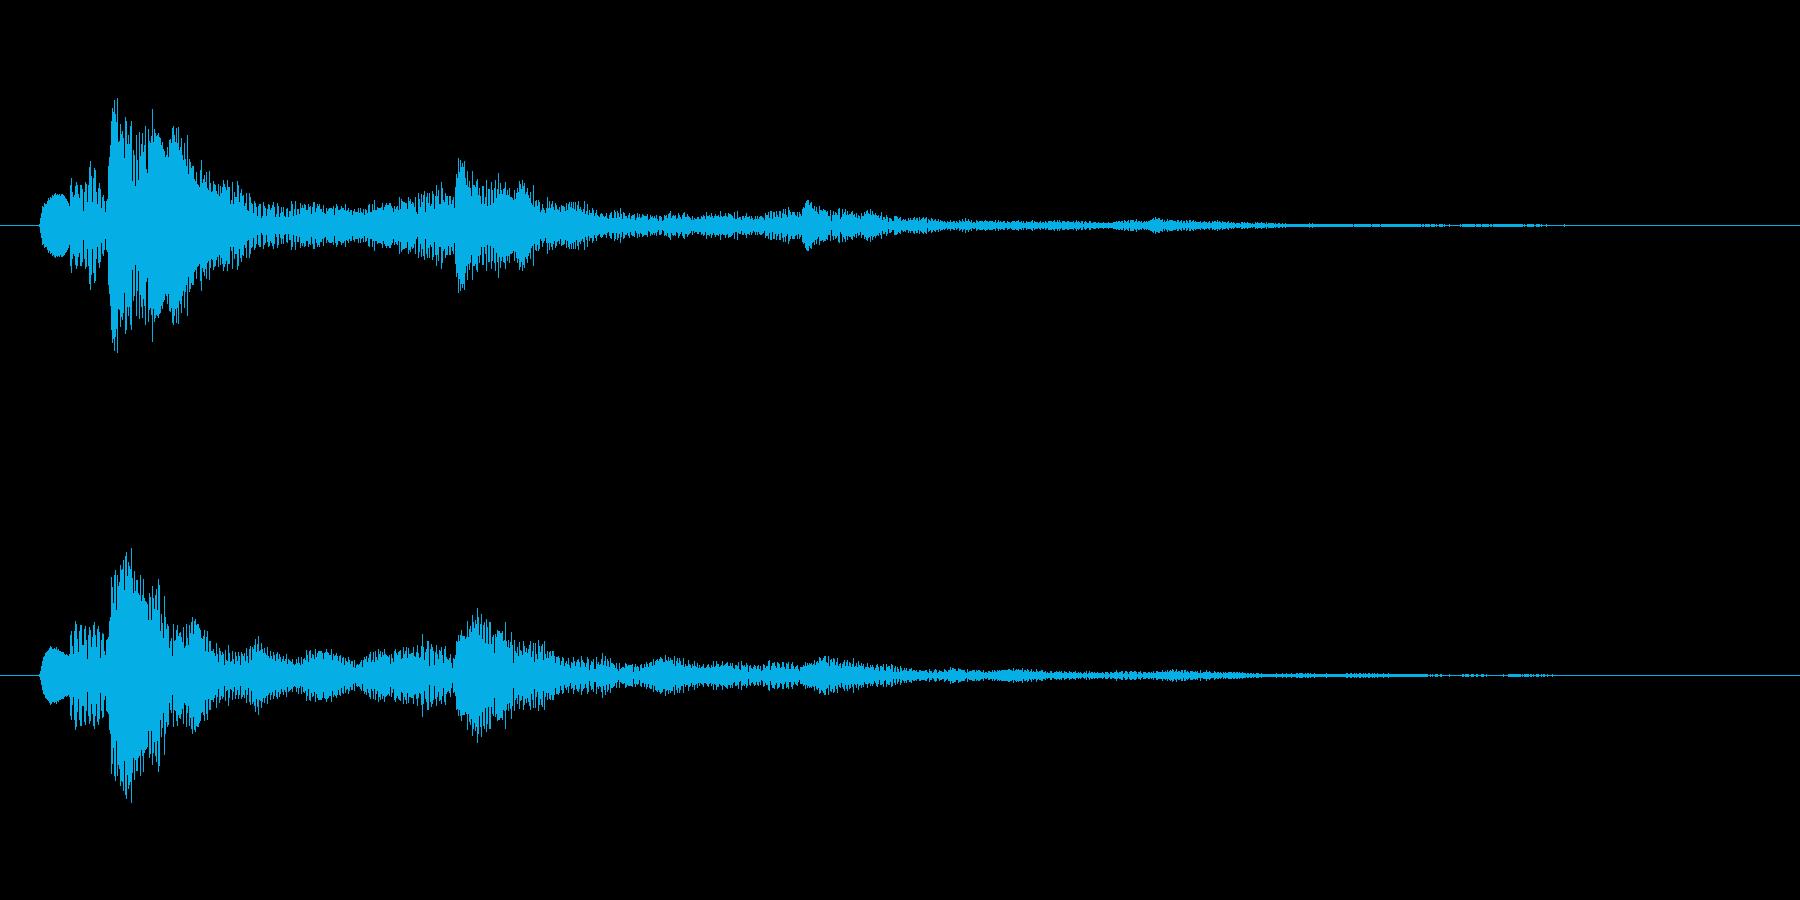 【ショートブリッジ01-2】の再生済みの波形